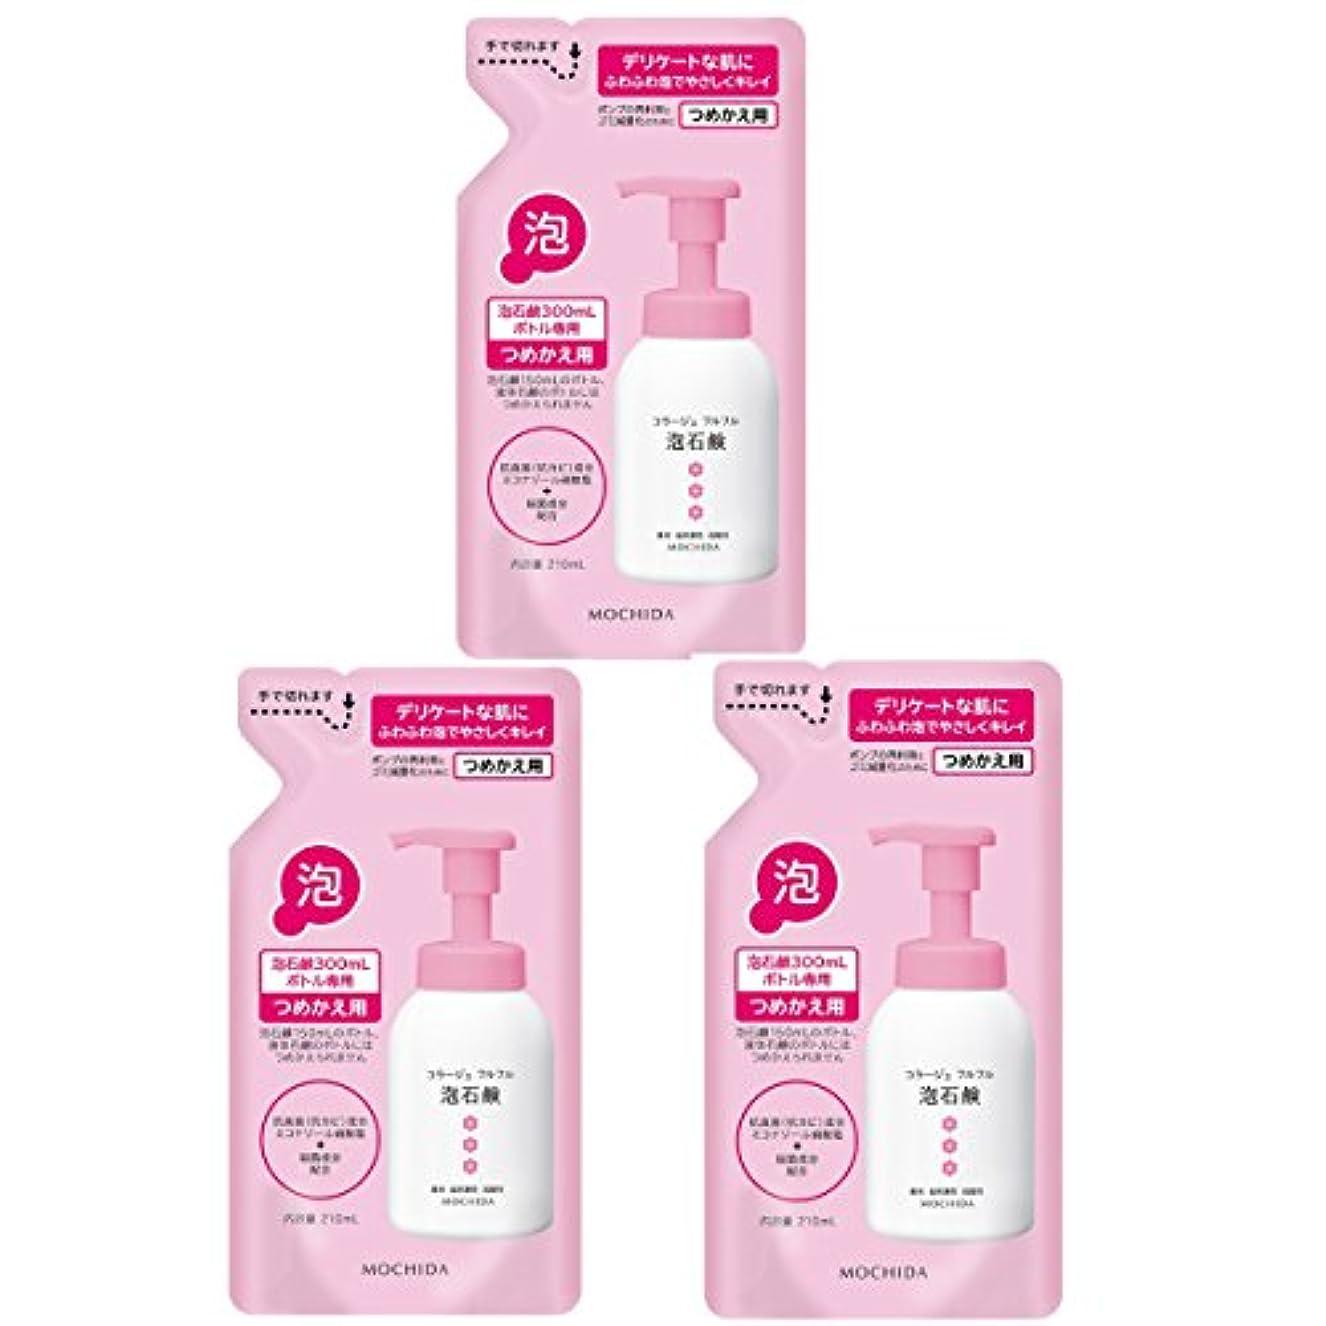 採用アミューズメント母性コラージュフルフル 泡石鹸 ピンク つめかえ用 210mL (医薬部外品)×3